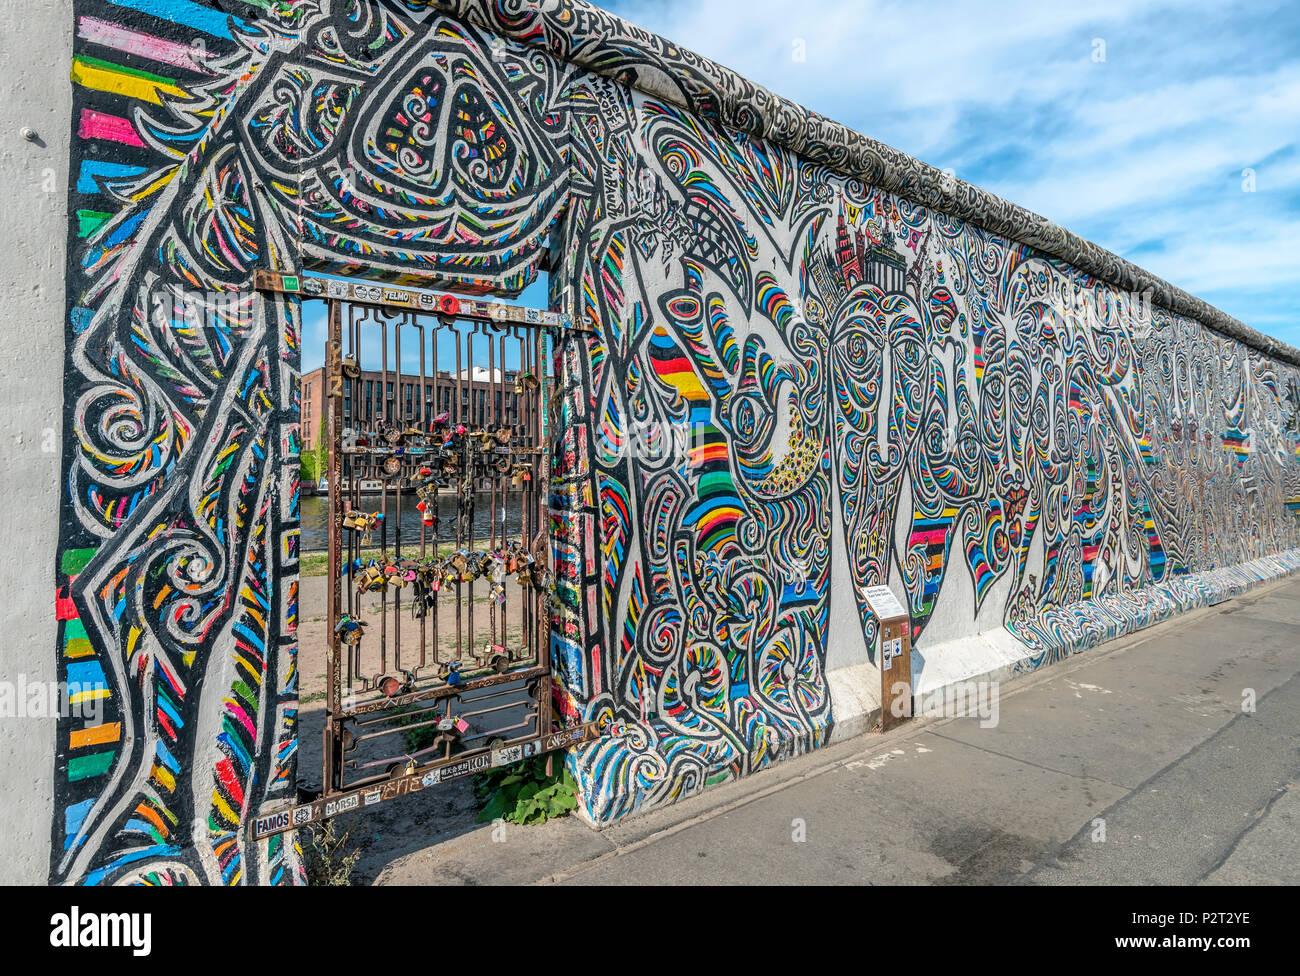 Artwork at Berlin Eastside Gallery, Germany | Kunstwerke an der Berliner Eastside Galerie, Deutschland - Stock Image